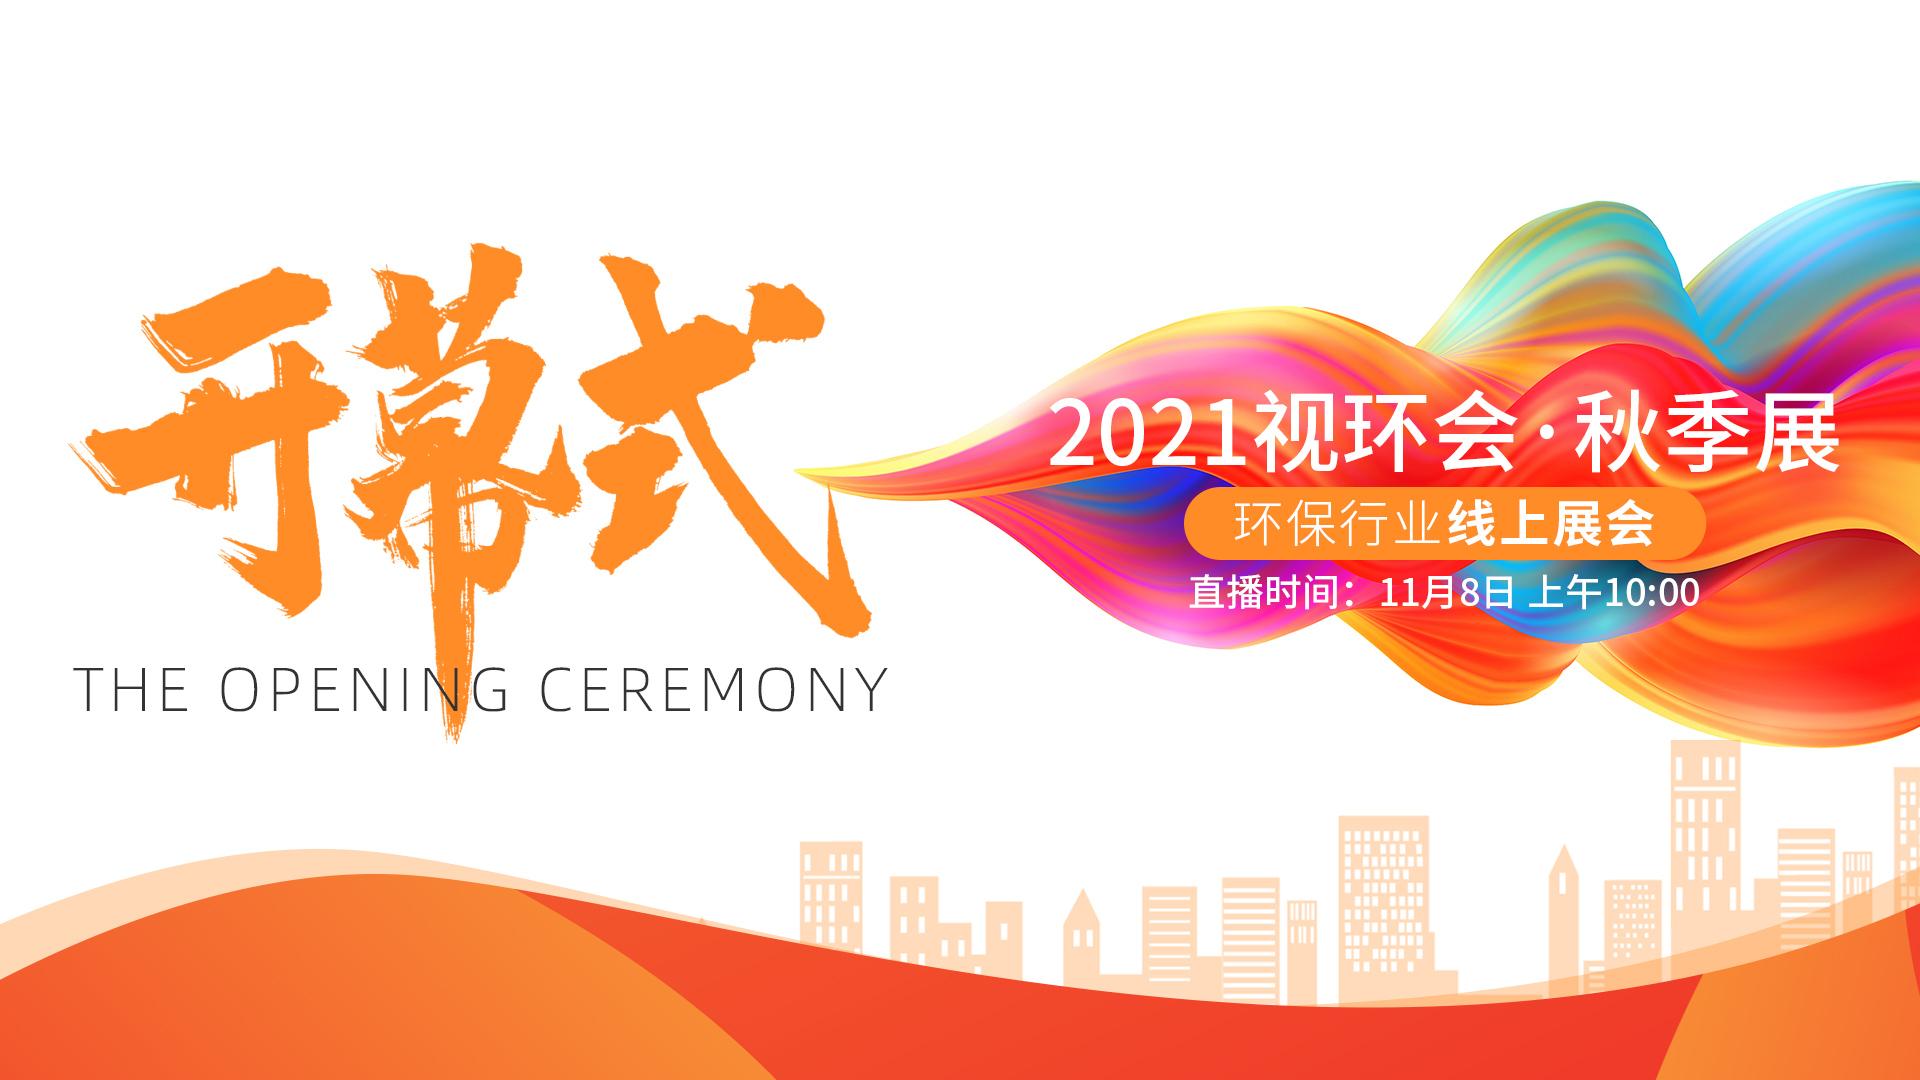 開幕式:2021視環會秋季展線上展11月8日開幕